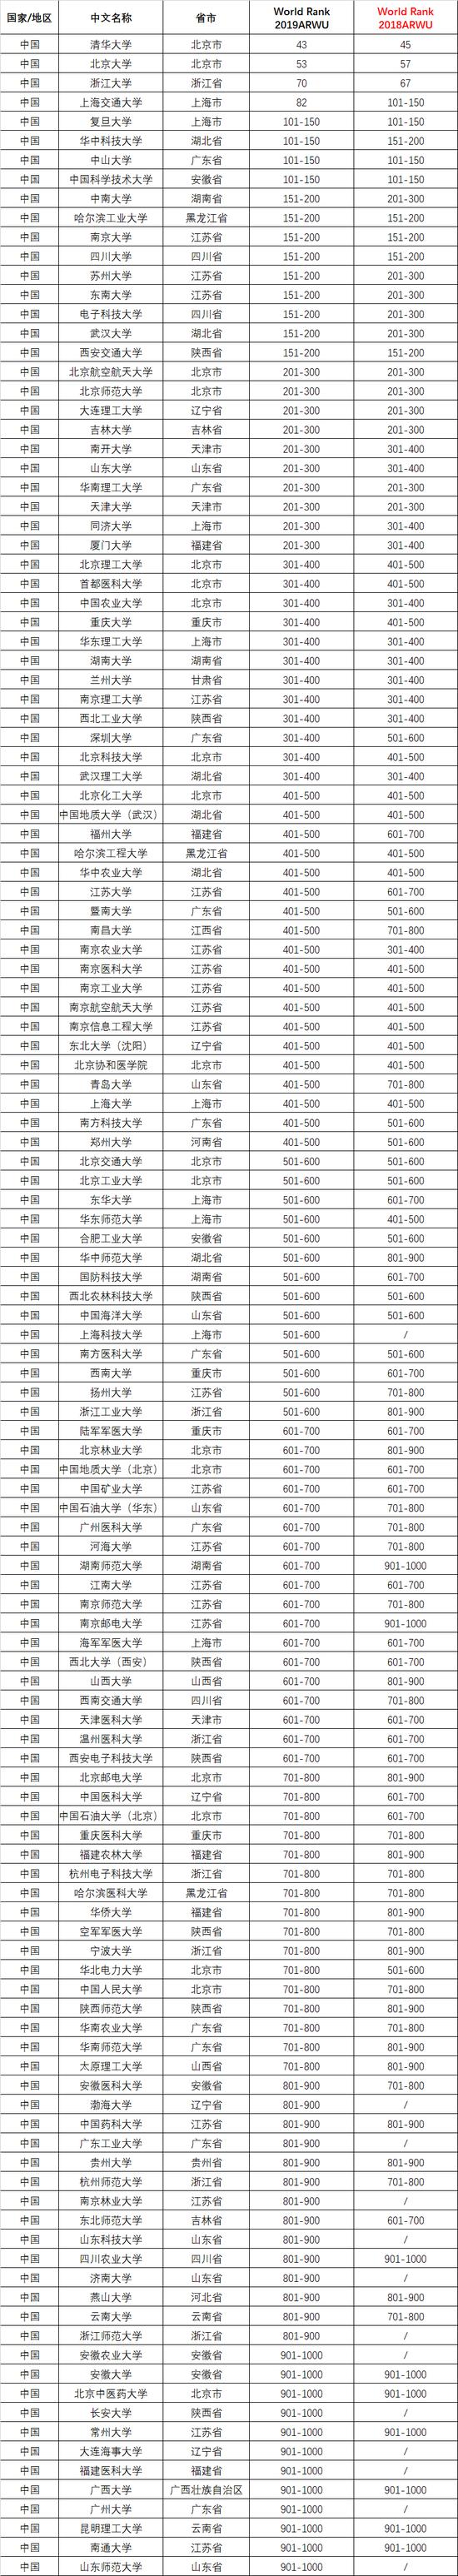 2019世界大学学术排名:中国内地132所高校上榜1000强